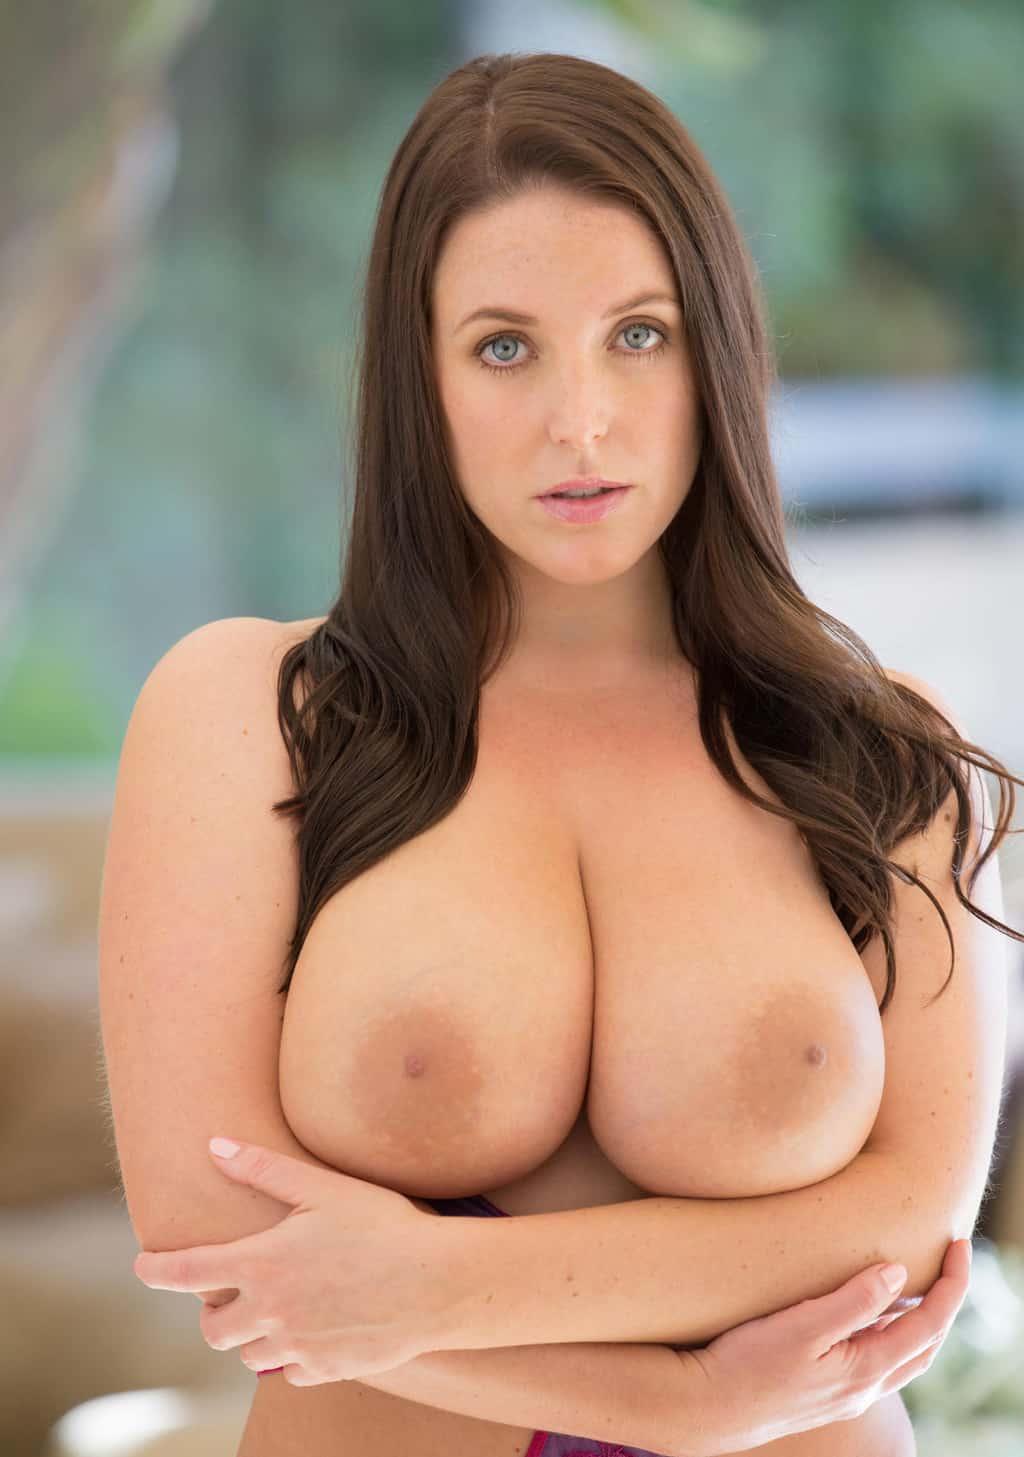 Angela Pelada vídeos porno da angela white em hd 2018   sexoquente.blog